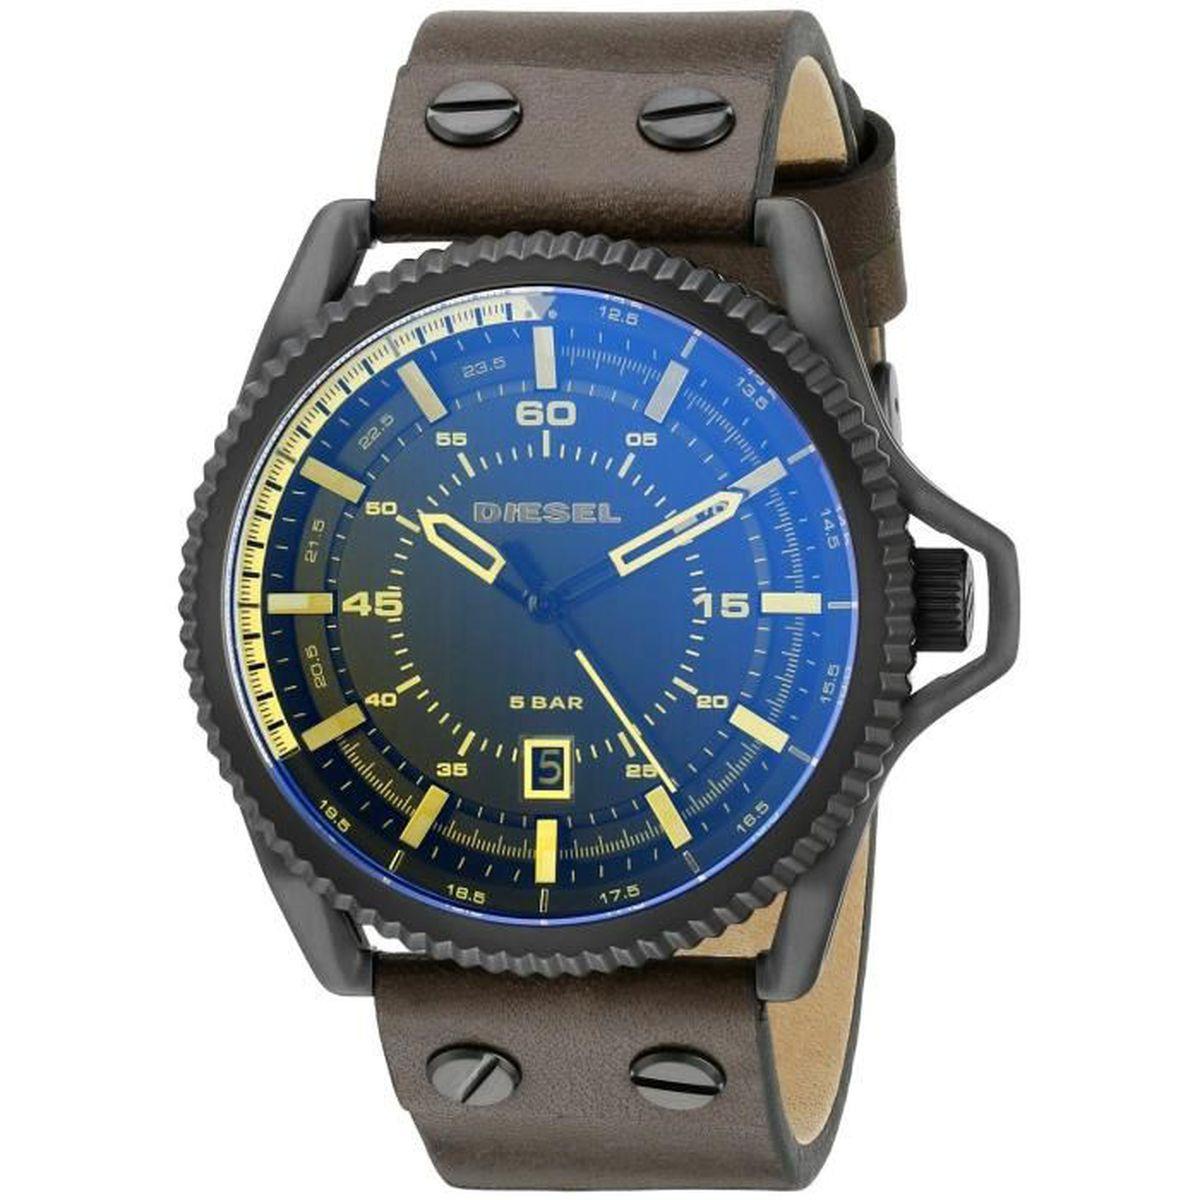 Diesel homme 46mm bracelet cuir marron quartz cadran noir - Montre diesel bracelet cuir marron ...